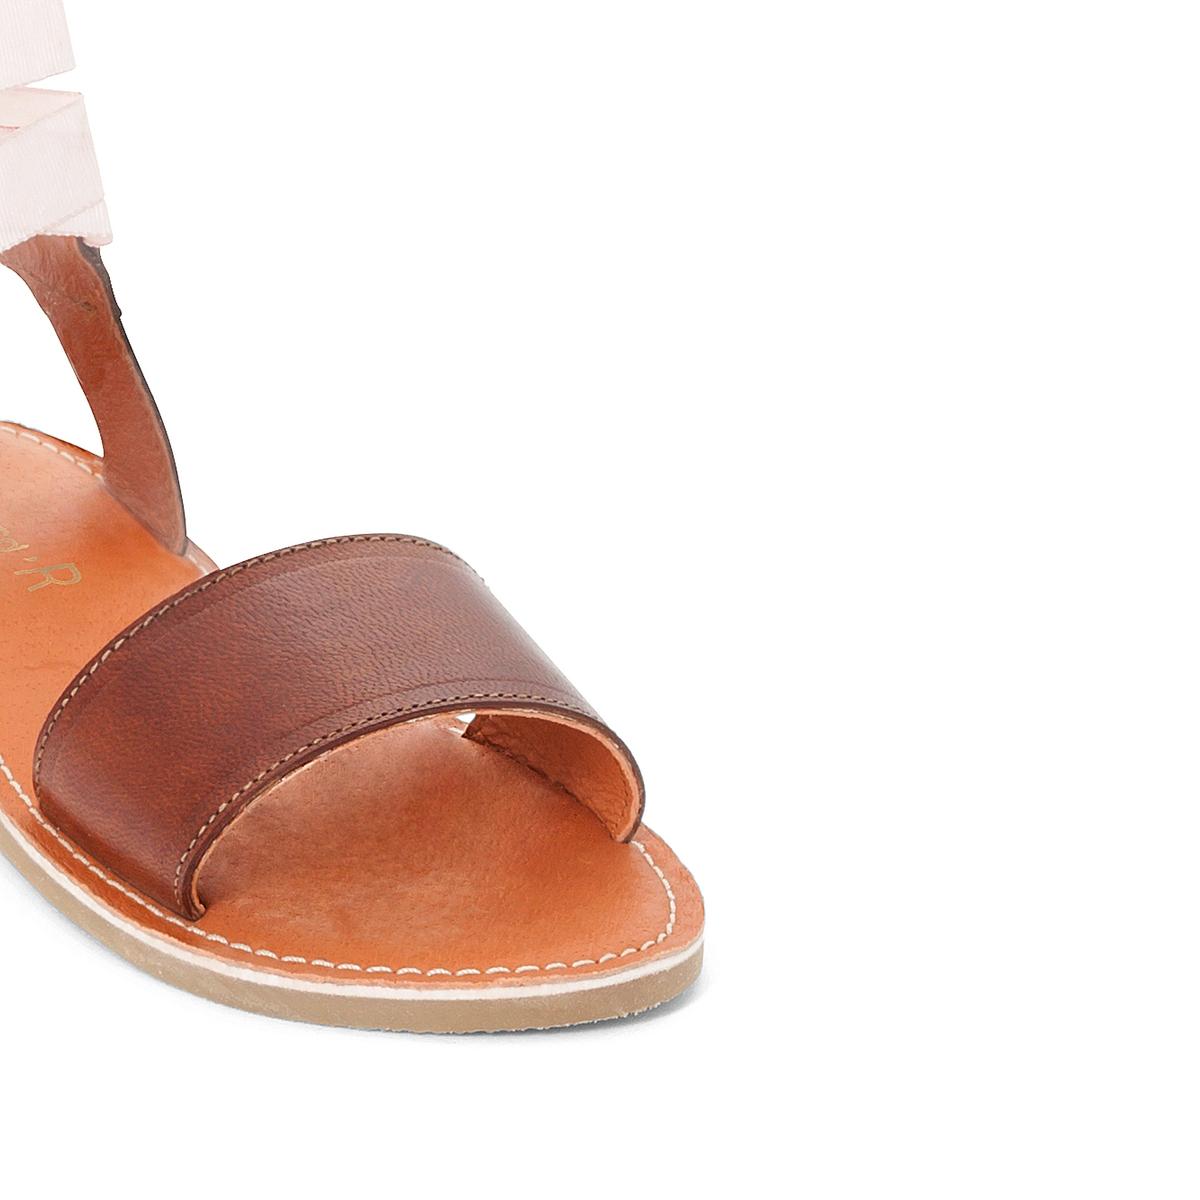 Босоножки кожаныеОписание:Детали  •  Плоский каблук •  Застежка : шнуровка •  Открытый мысокСостав и уход  •  Верх 100% кожа<br><br>Цвет: серо-бежевый<br>Размер: 35.31.27.36